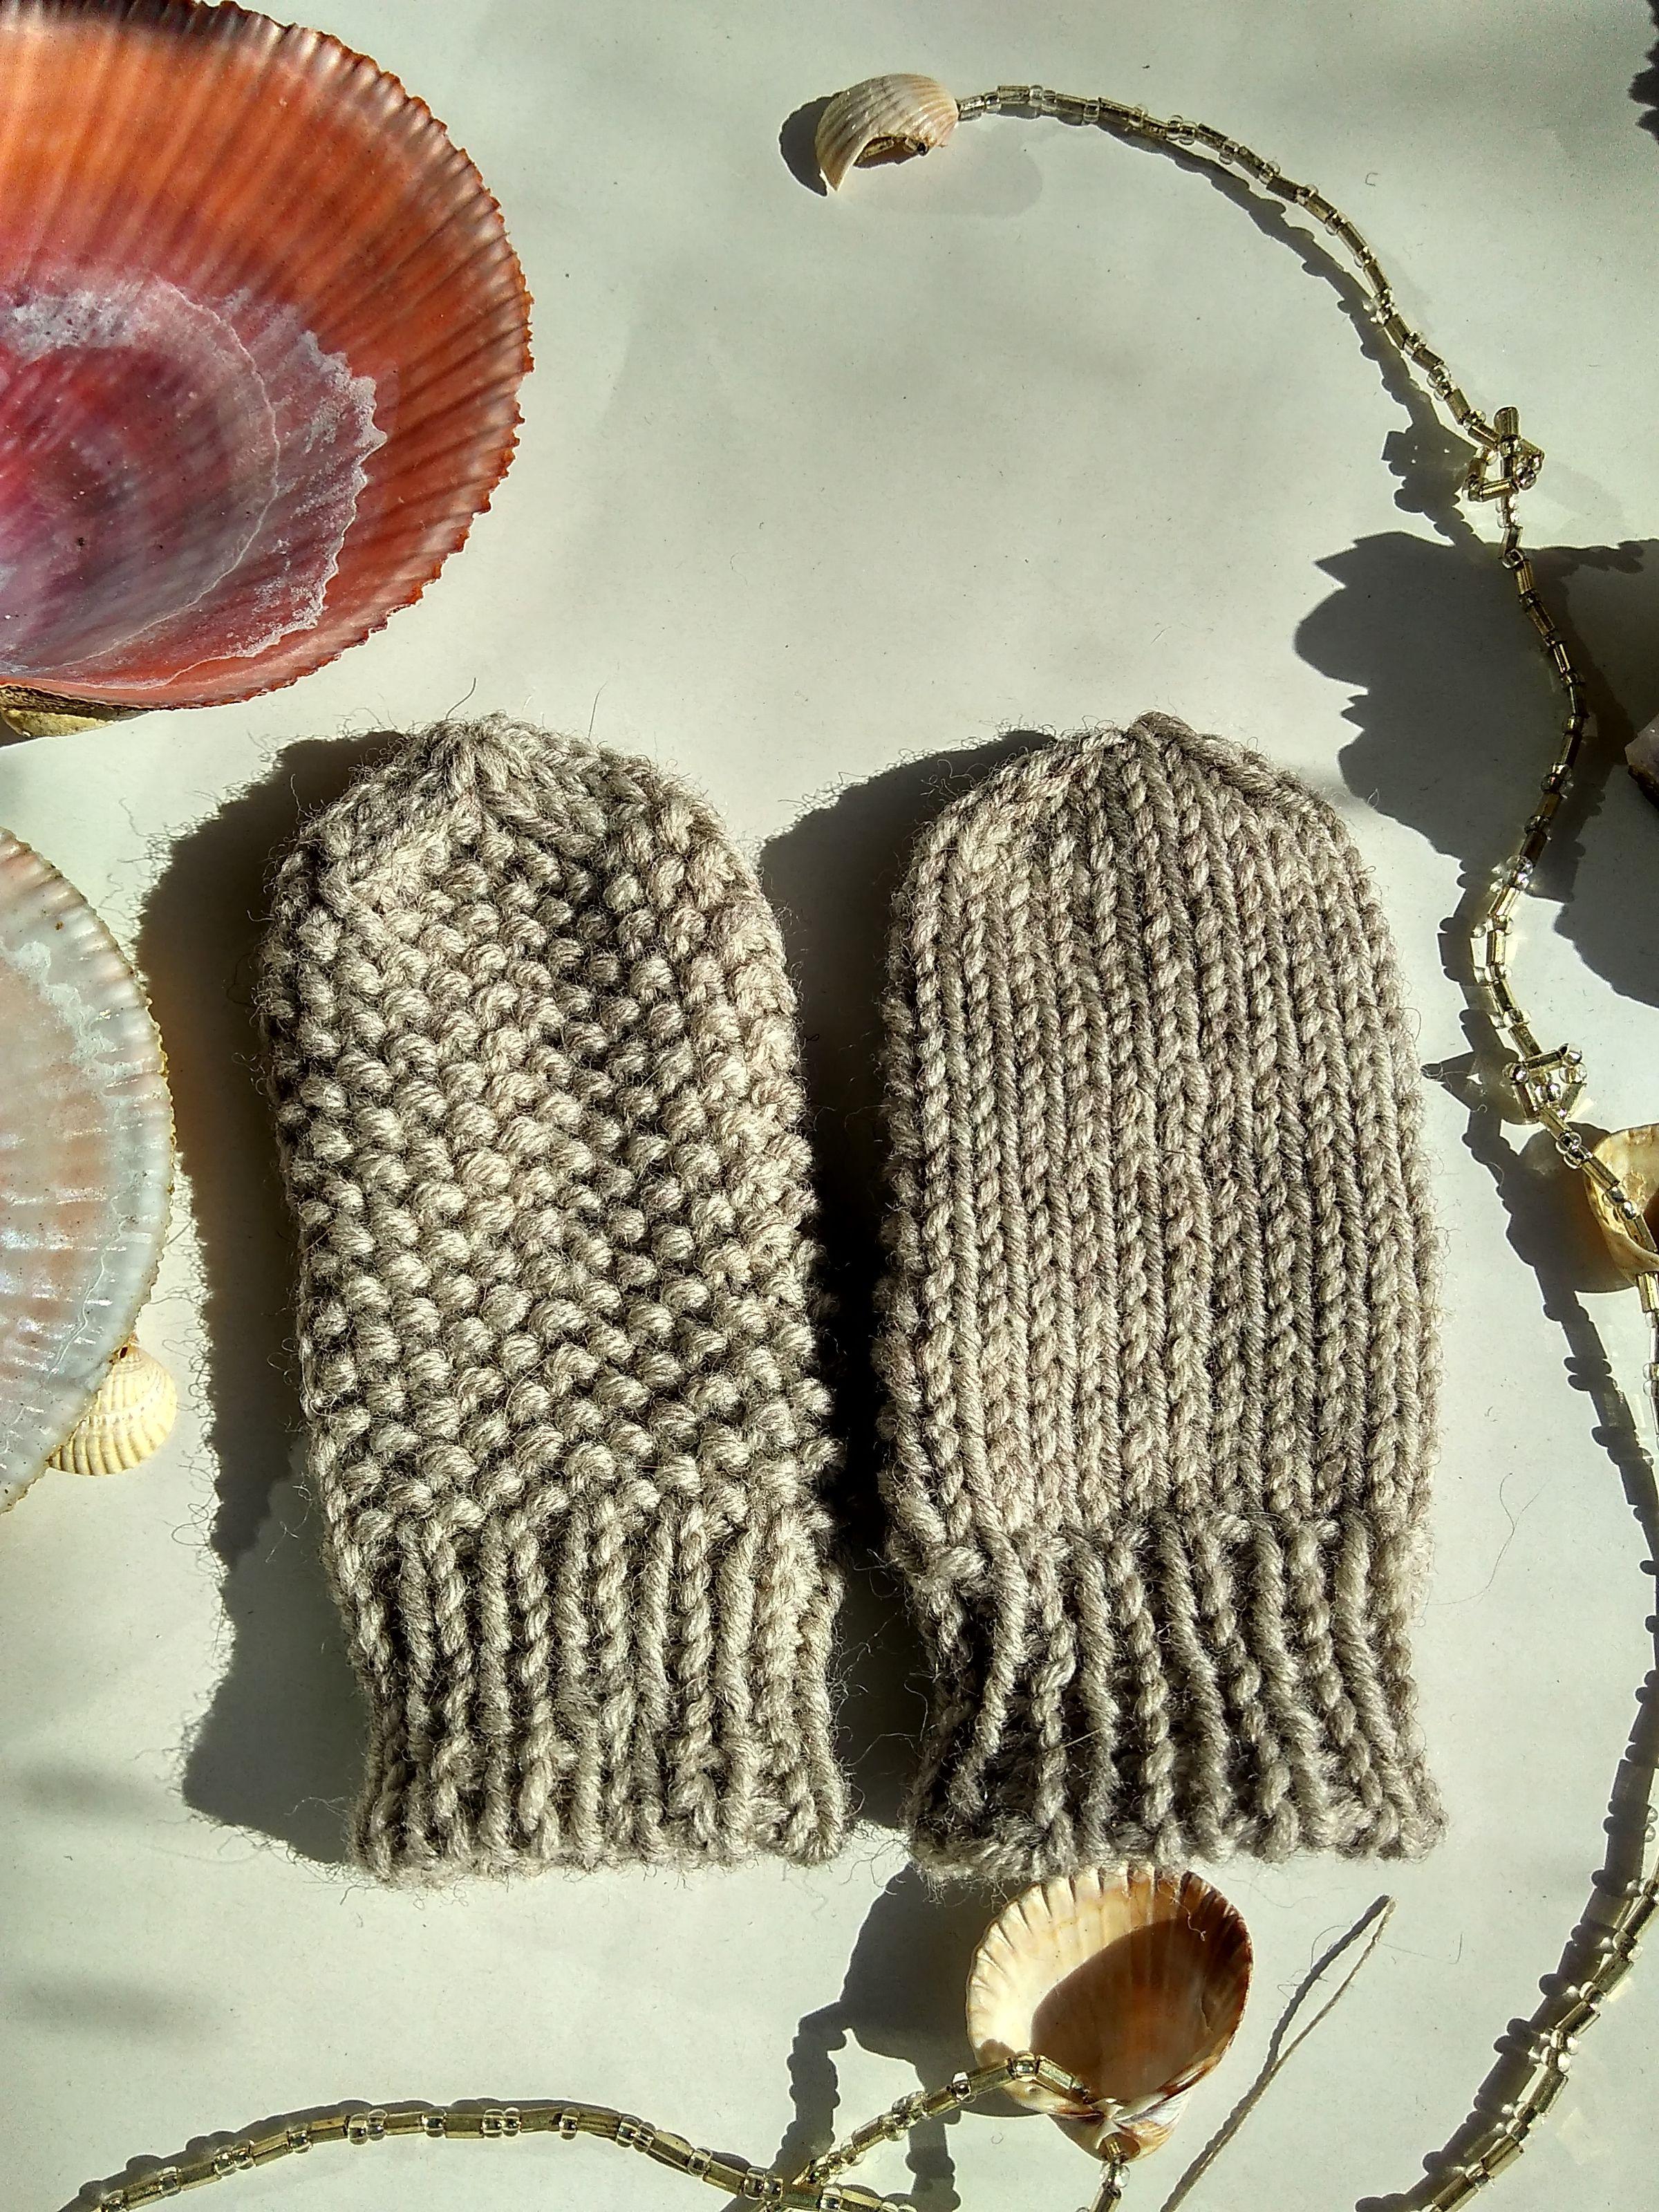 на вязание варежки шерстяные малышам заказ малышу лиро носочки царапки вязаниевязание носки подарок